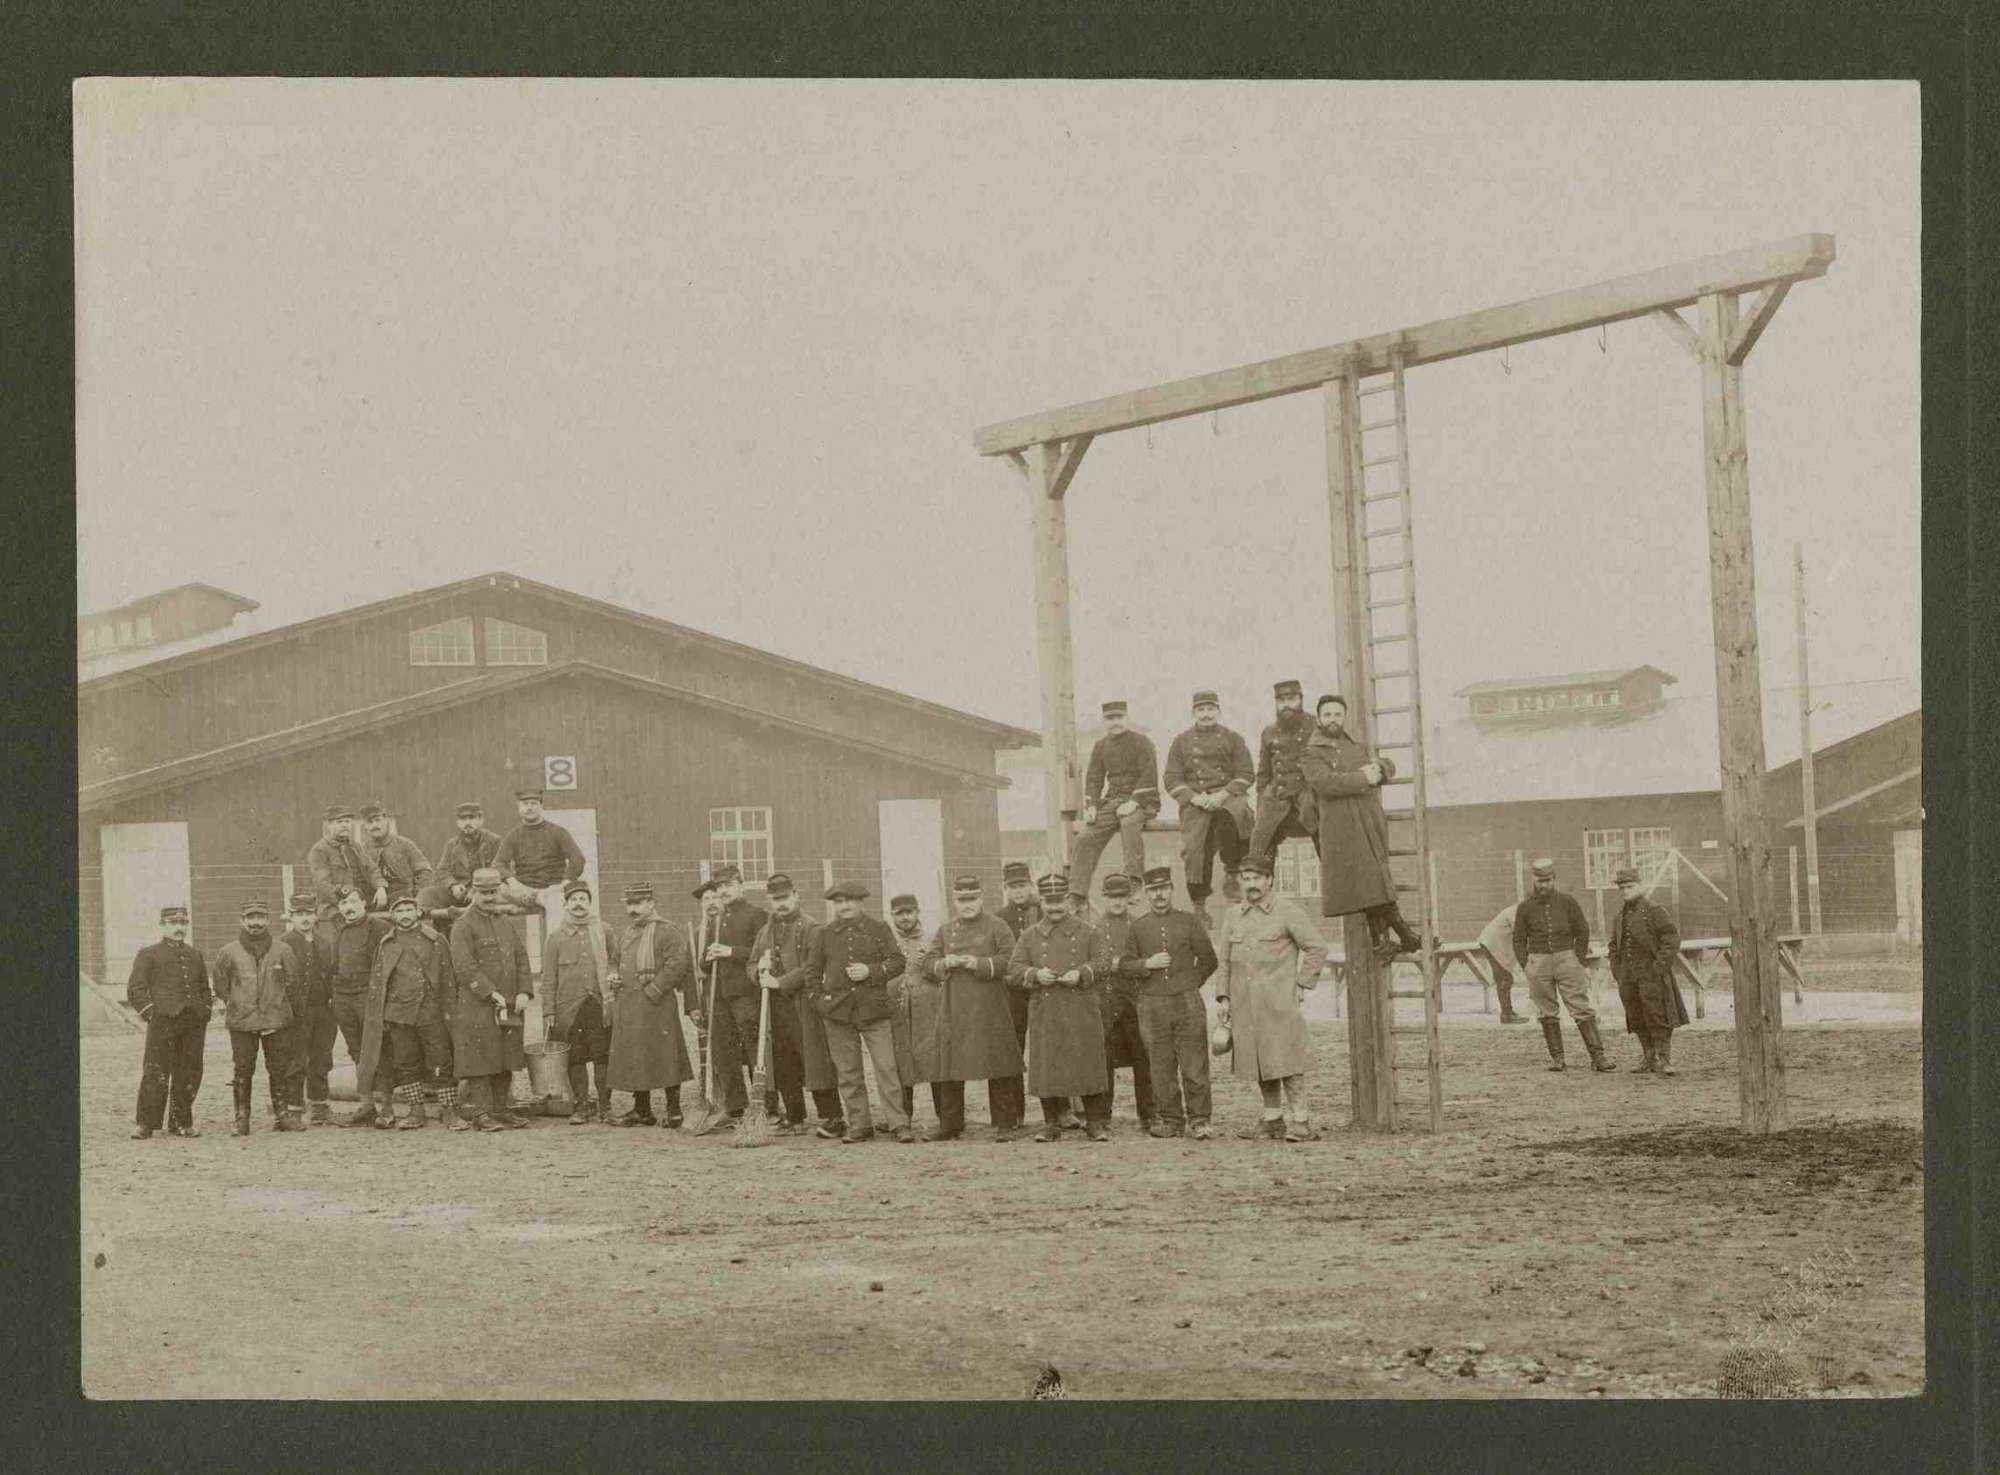 Reinigungstrupp der Kriegsgefangenen, teils stehend teils auf Turngeräten sitzend im Innenhof Kriegsgefangenenlager Ludwigsburg-Eglosheim, Bild 1